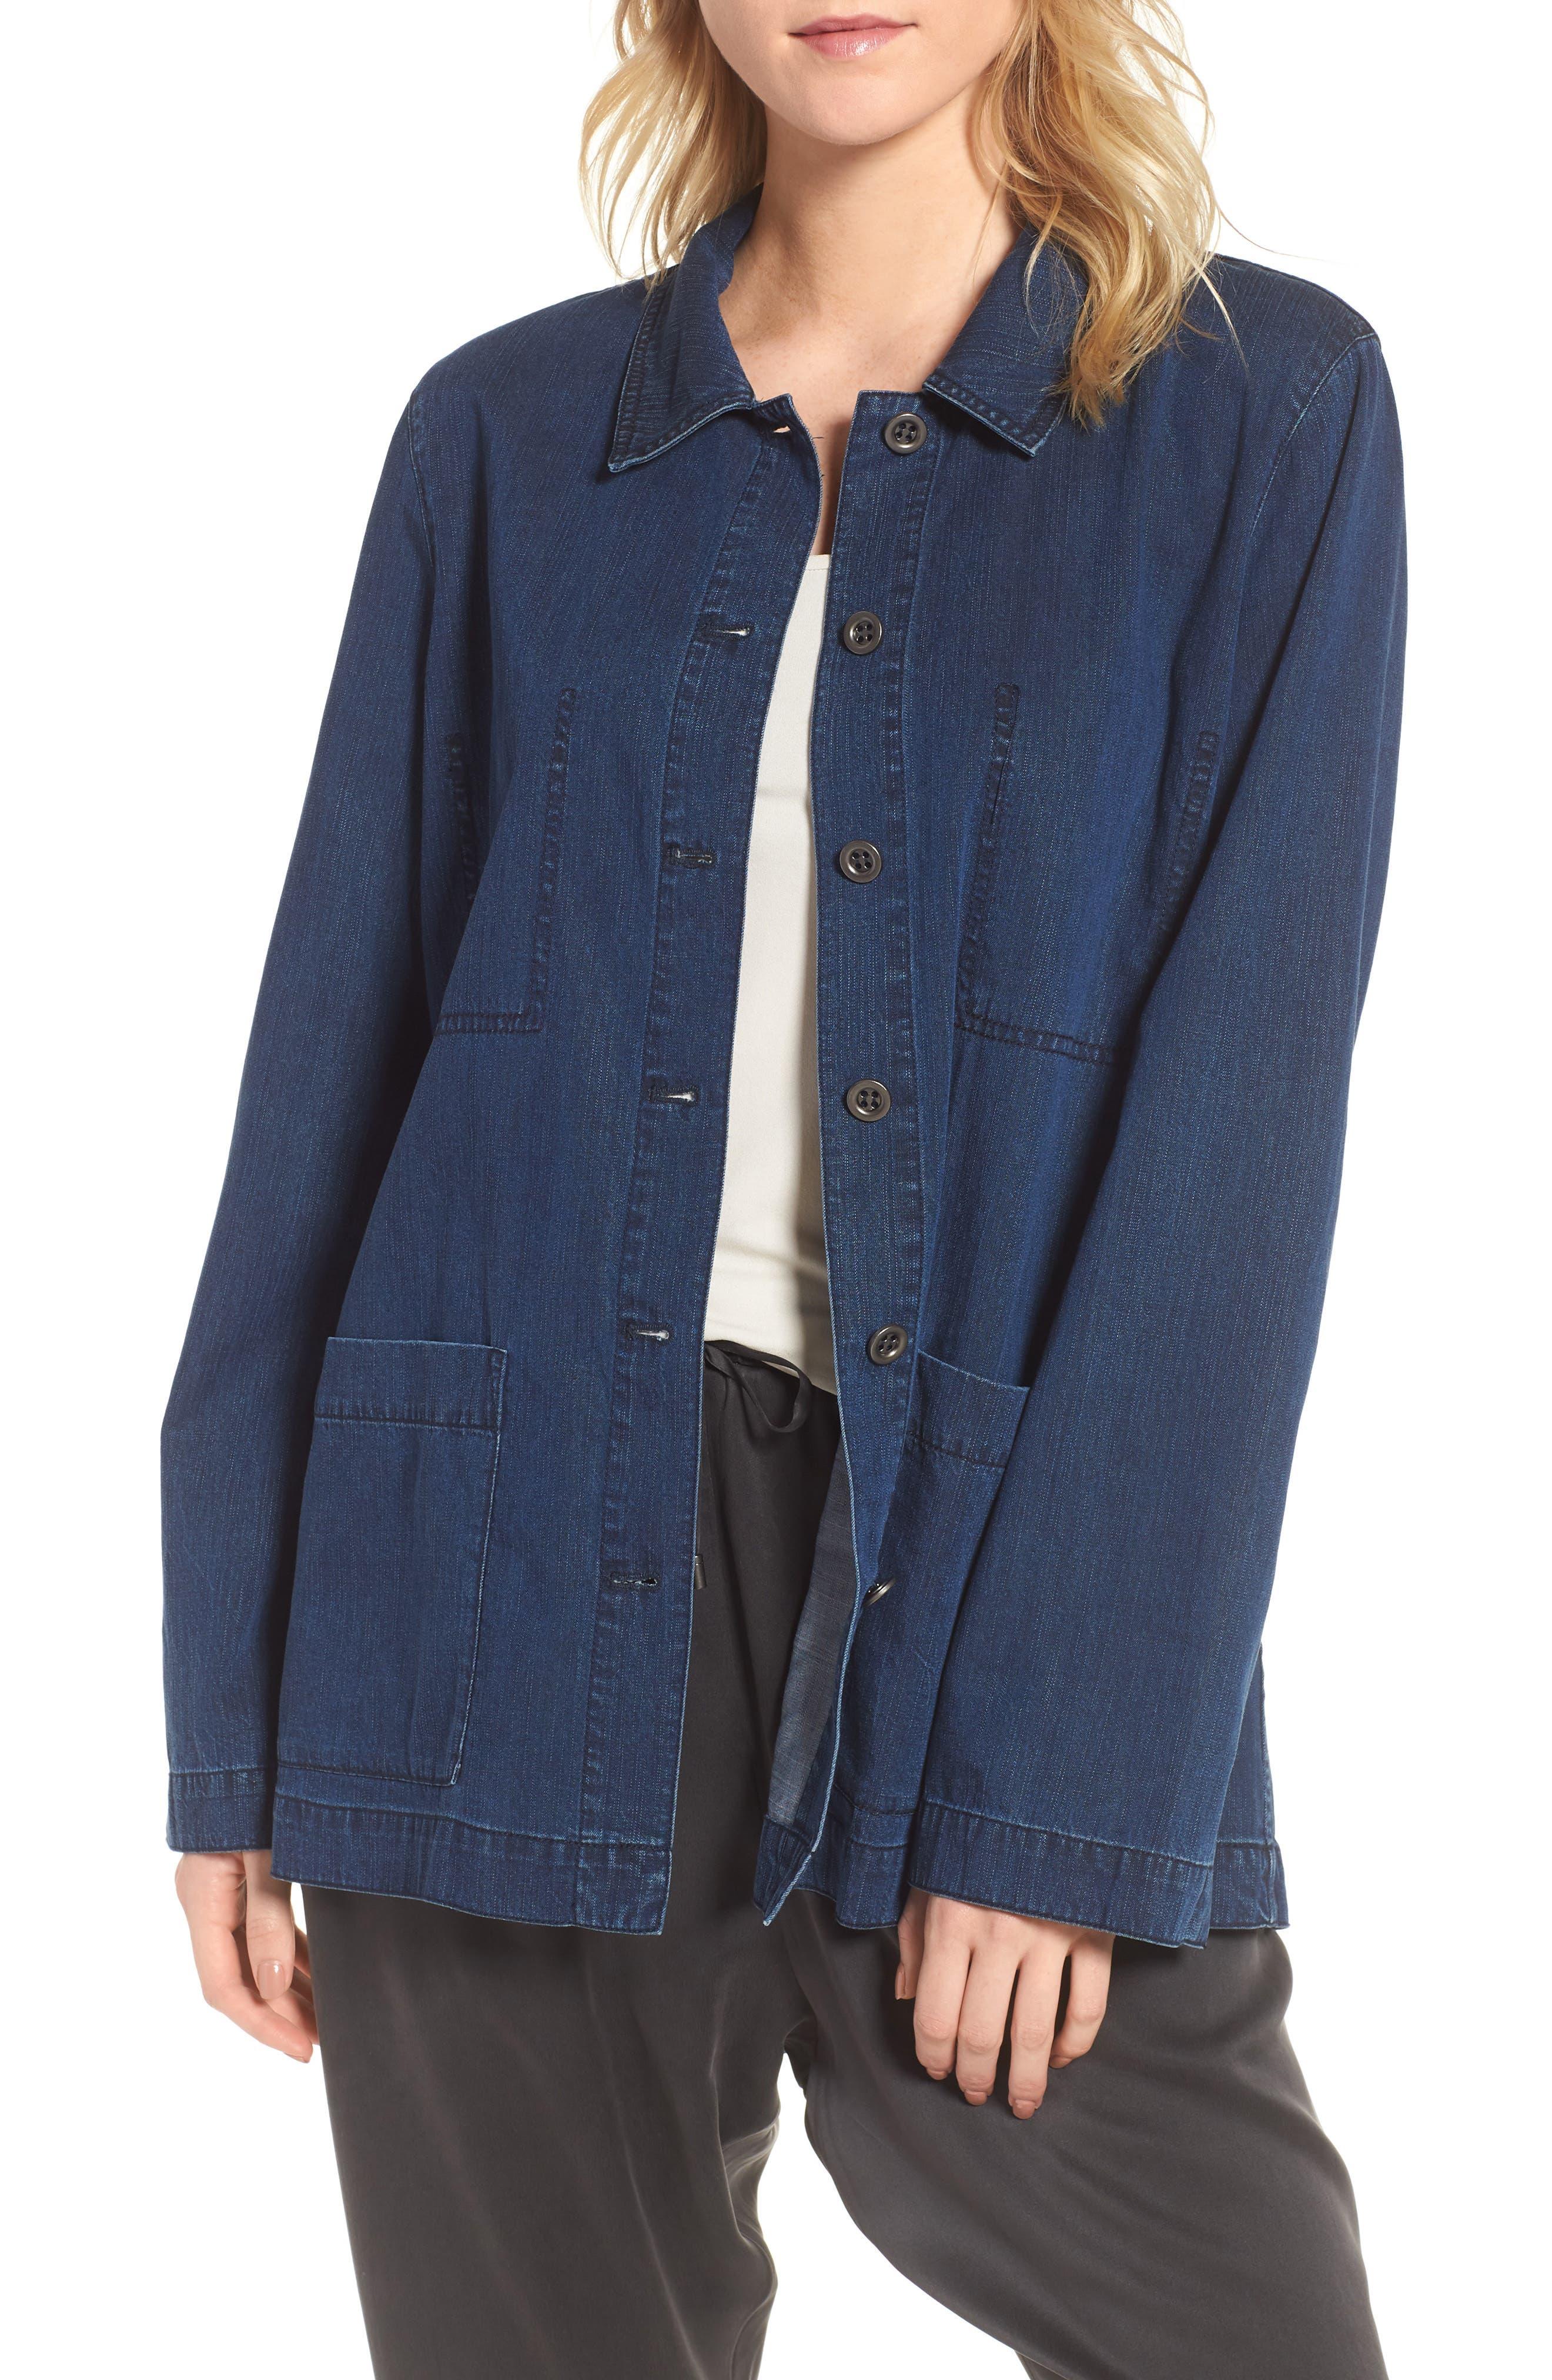 Soft Cotton Blend Denim Jacket,                             Main thumbnail 1, color,                             419